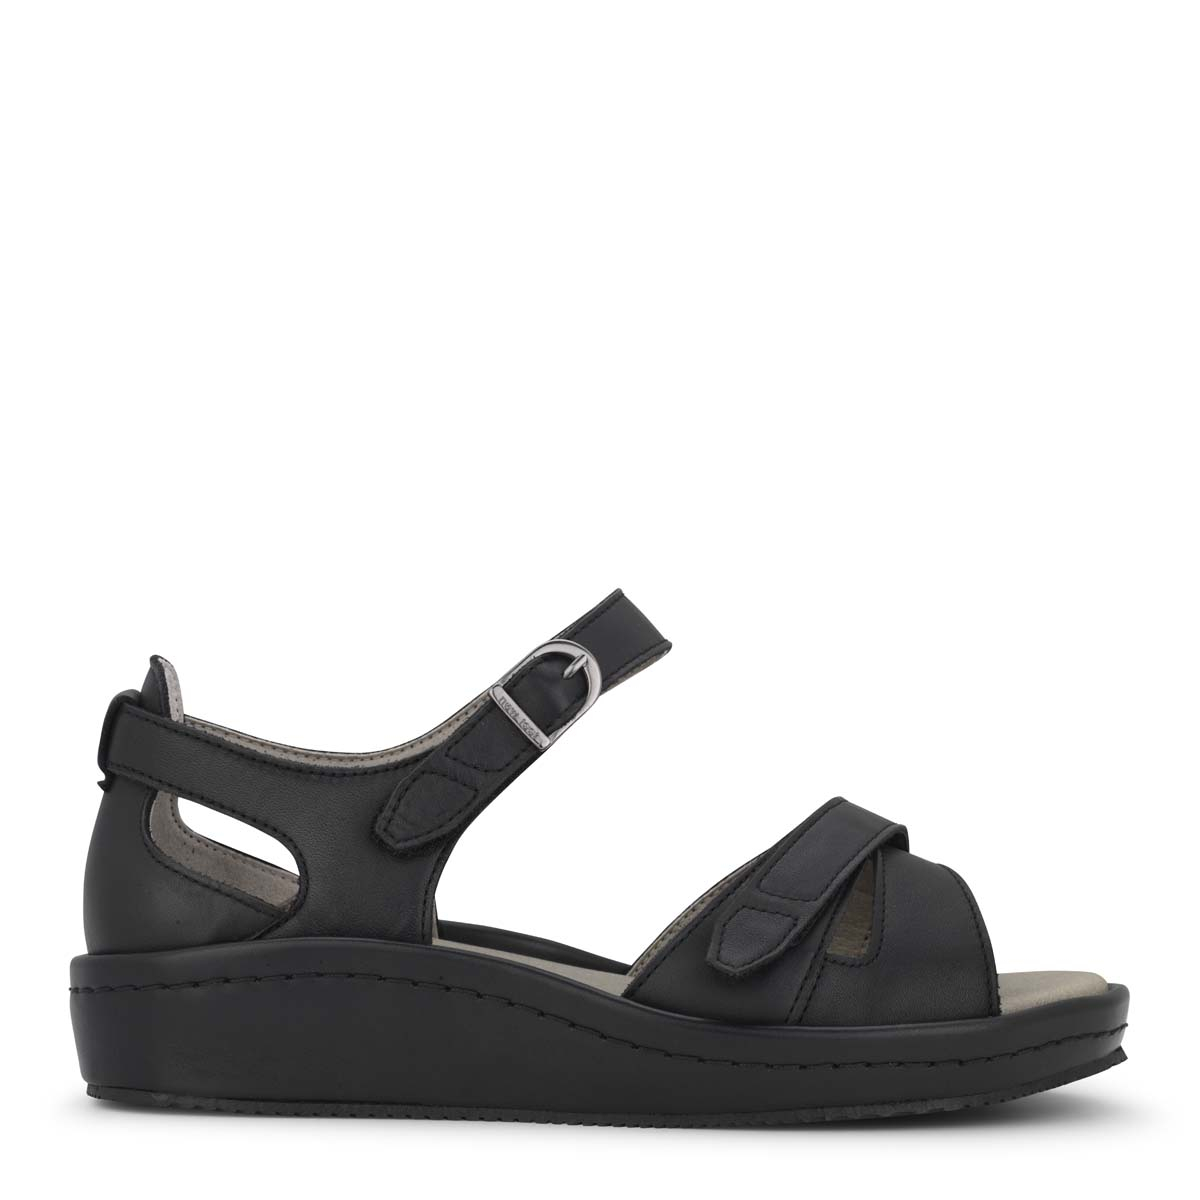 8b411572add → Køb New Feet sko på nettet | Danmarks største udvalg